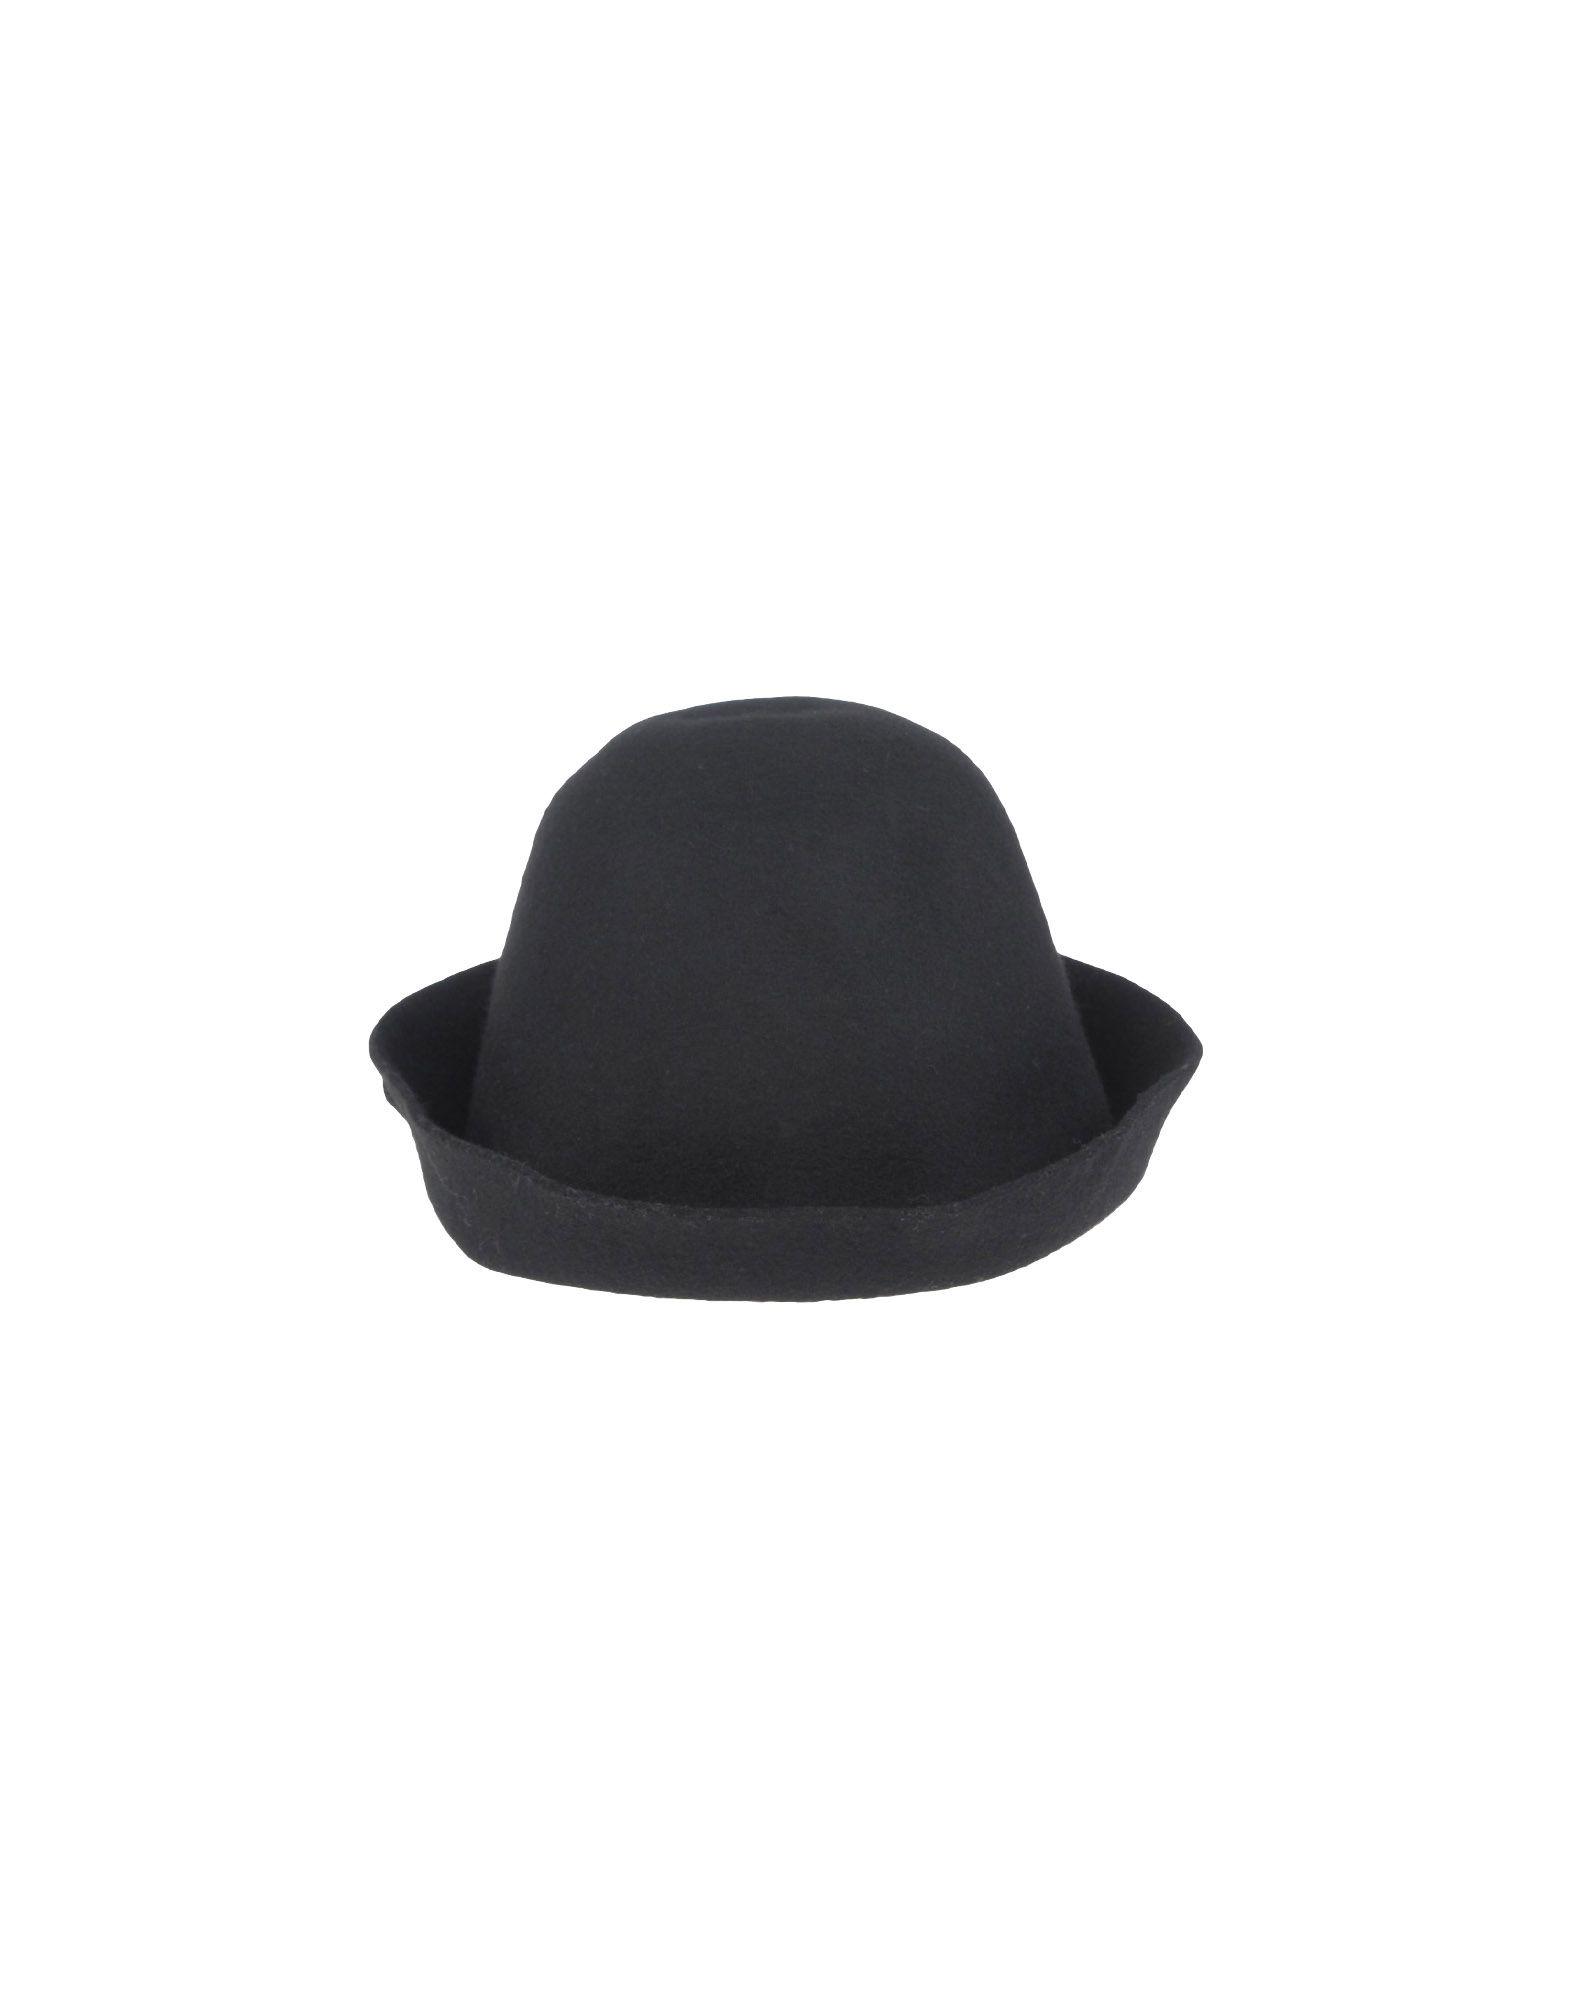 《送料無料》NORA BARTH レディース 帽子 ブラック 56 ウール 100%